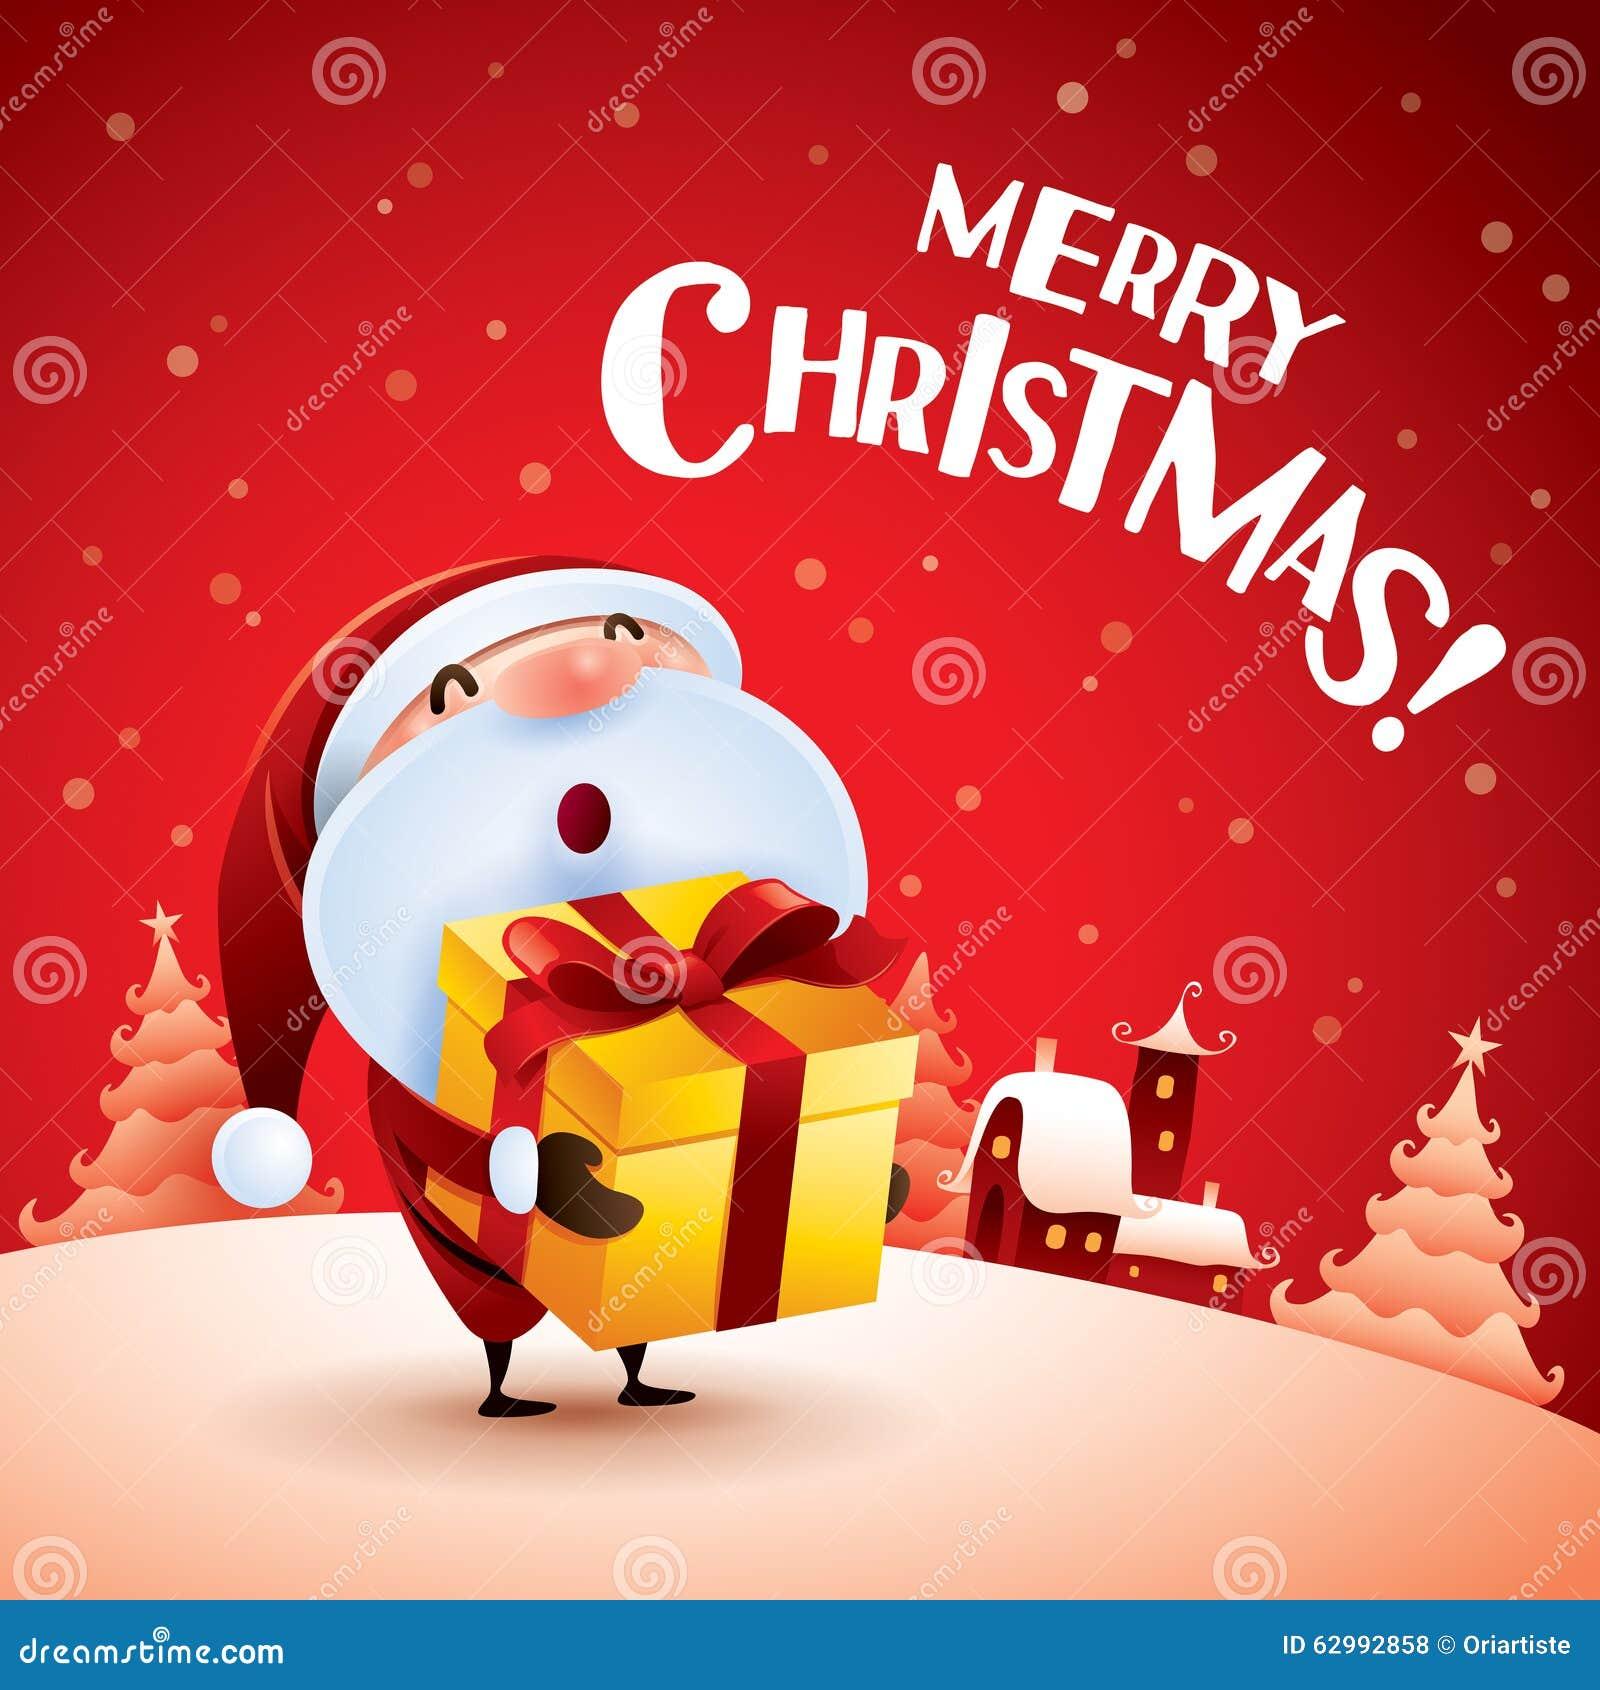 给圣诞节礼物的圣诞老人 向量例证 - 图片图片